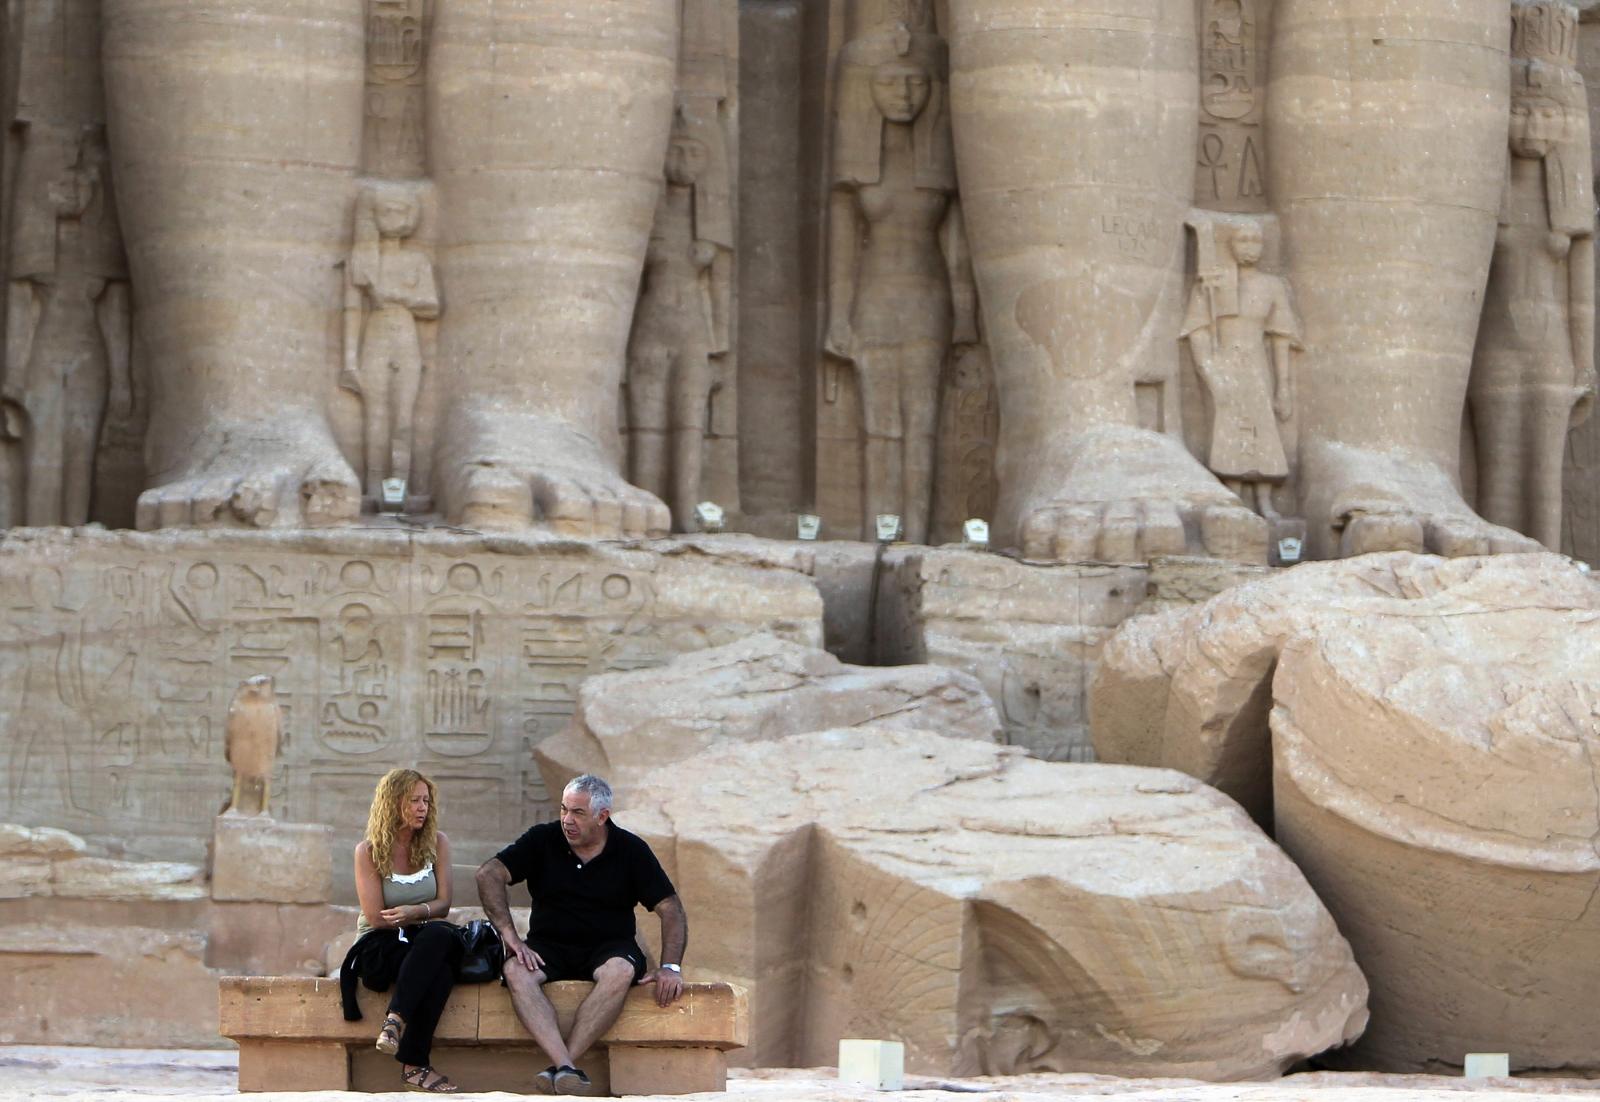 Egypt tourists